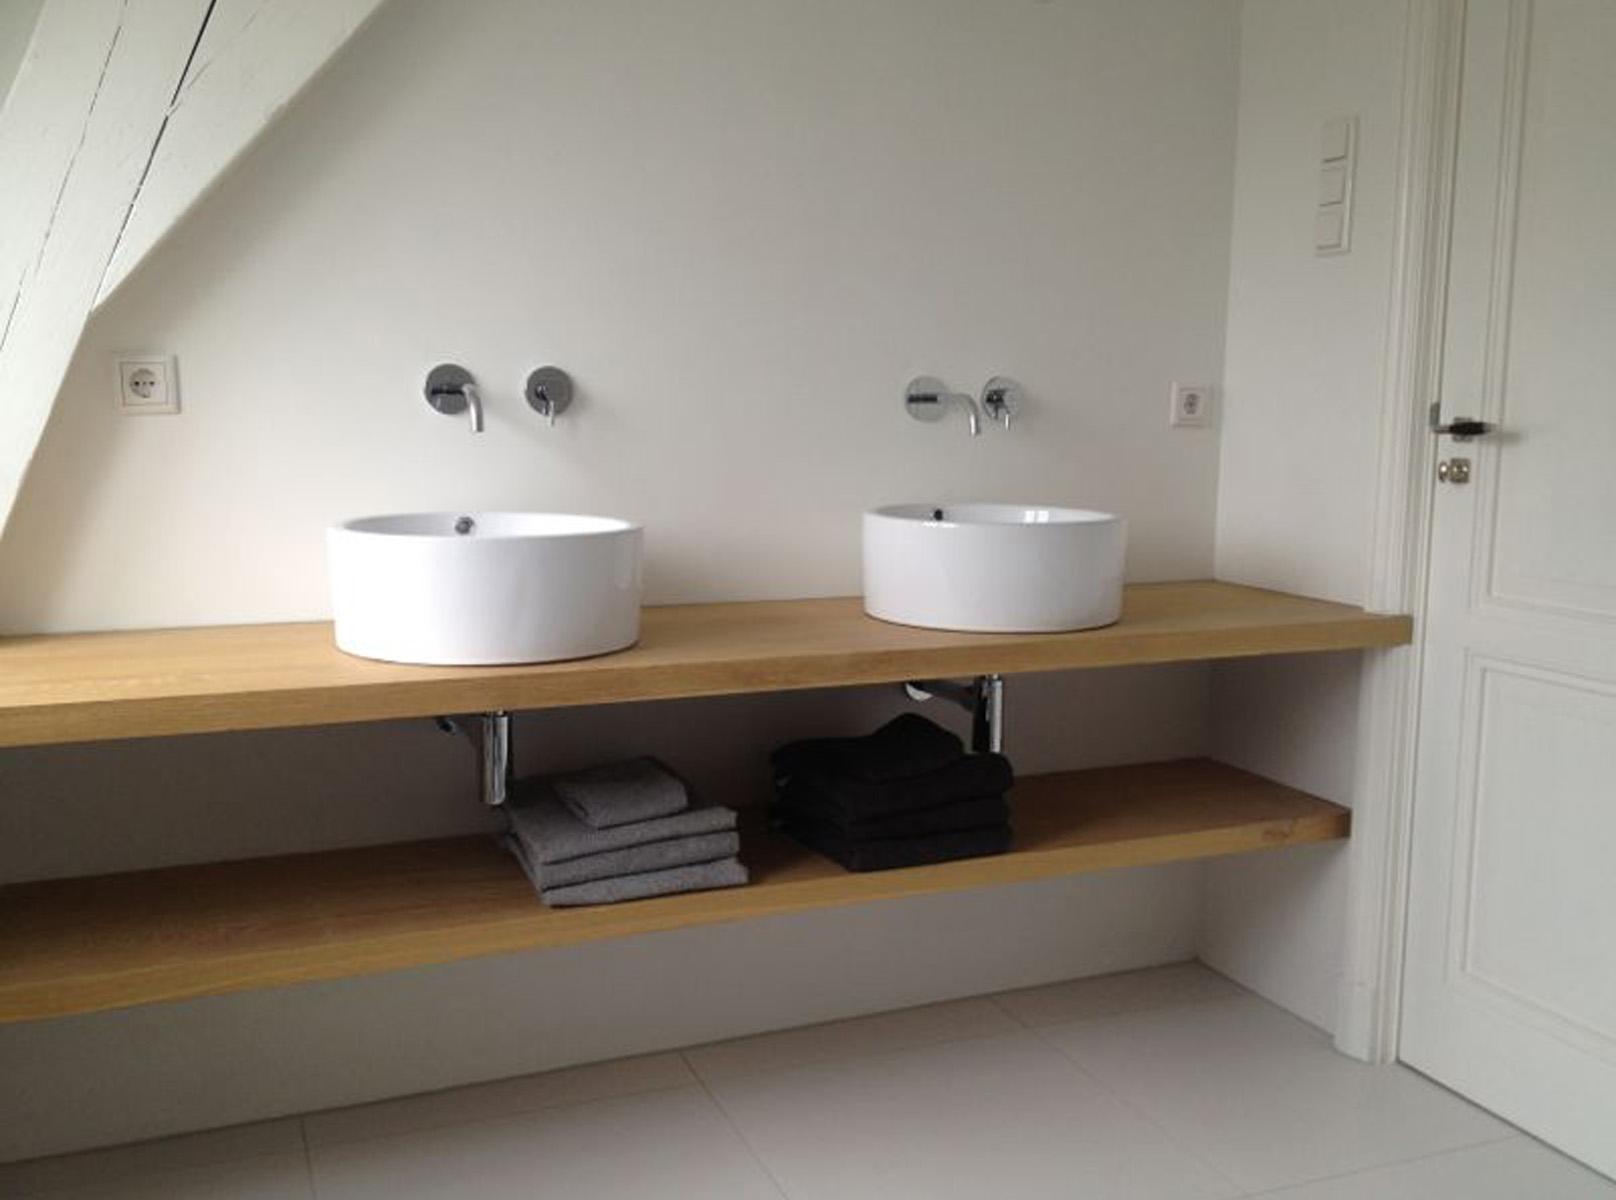 Badkamer leiderdorp keukenarchitectuur - Keuken volledige verkoop ...